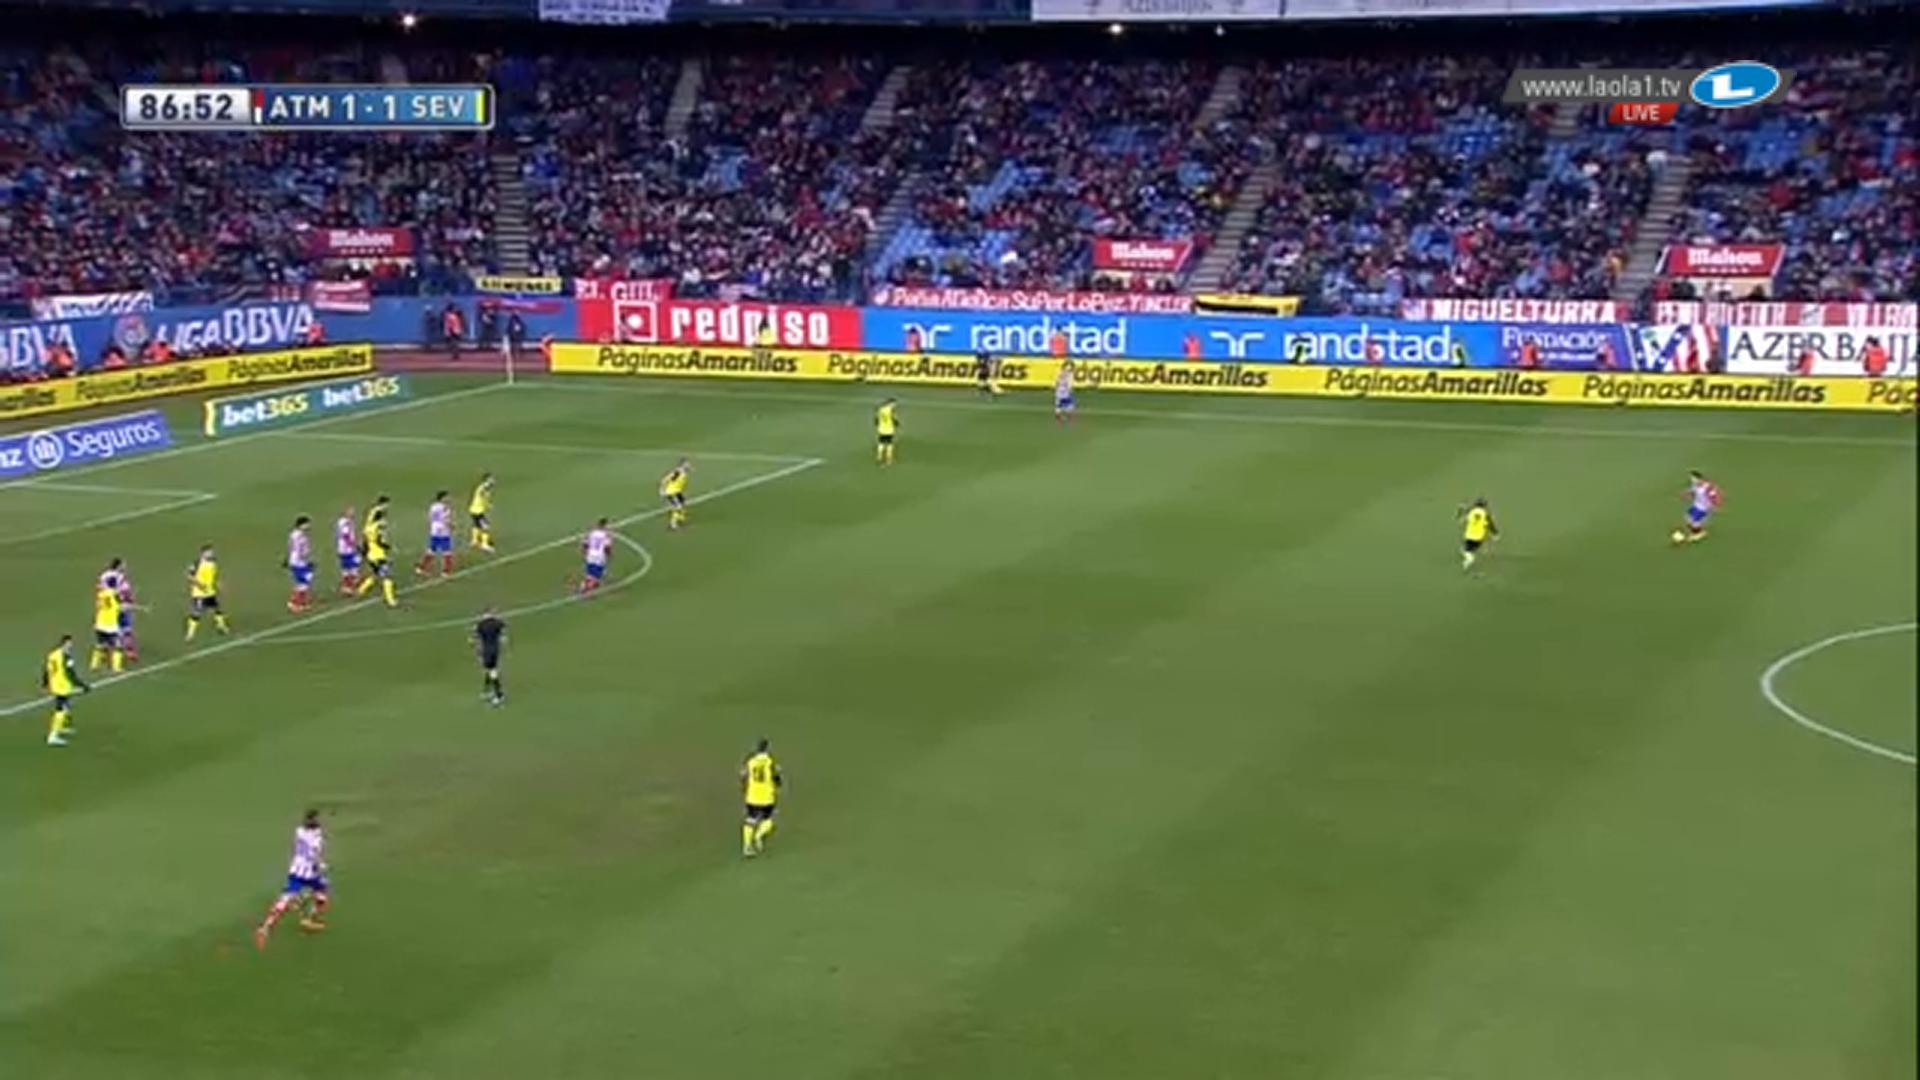 Die Viererketten sind erneut zur Achterkette verschmolzen. Atlético lässt sich in Hoffnung auf Abpraller zum langen Ball verführen.